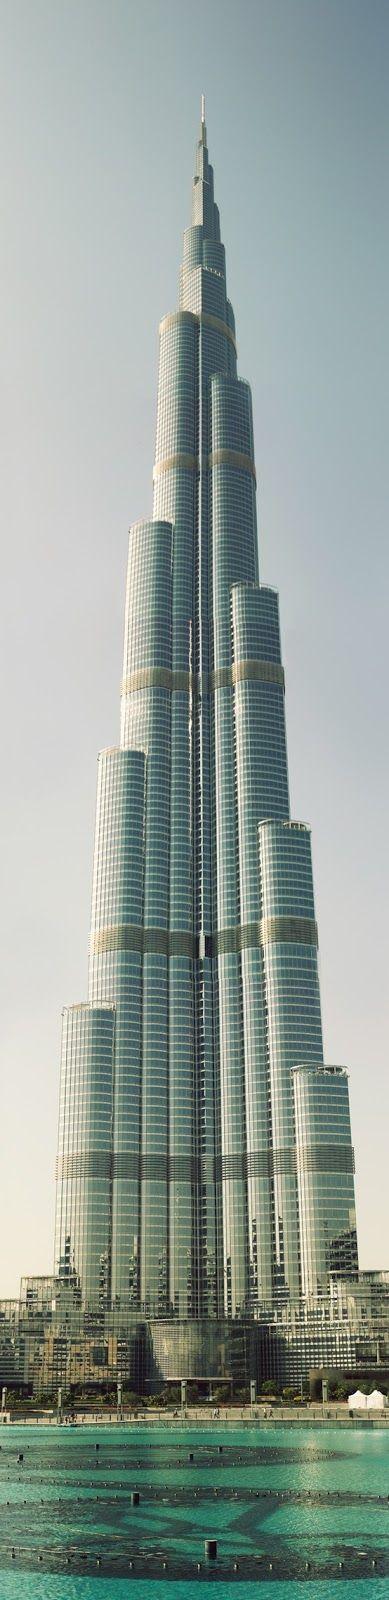 Nuevas fotos maravillosas: El edificio más alto del mundo, el Burj Khalifa en Dubai